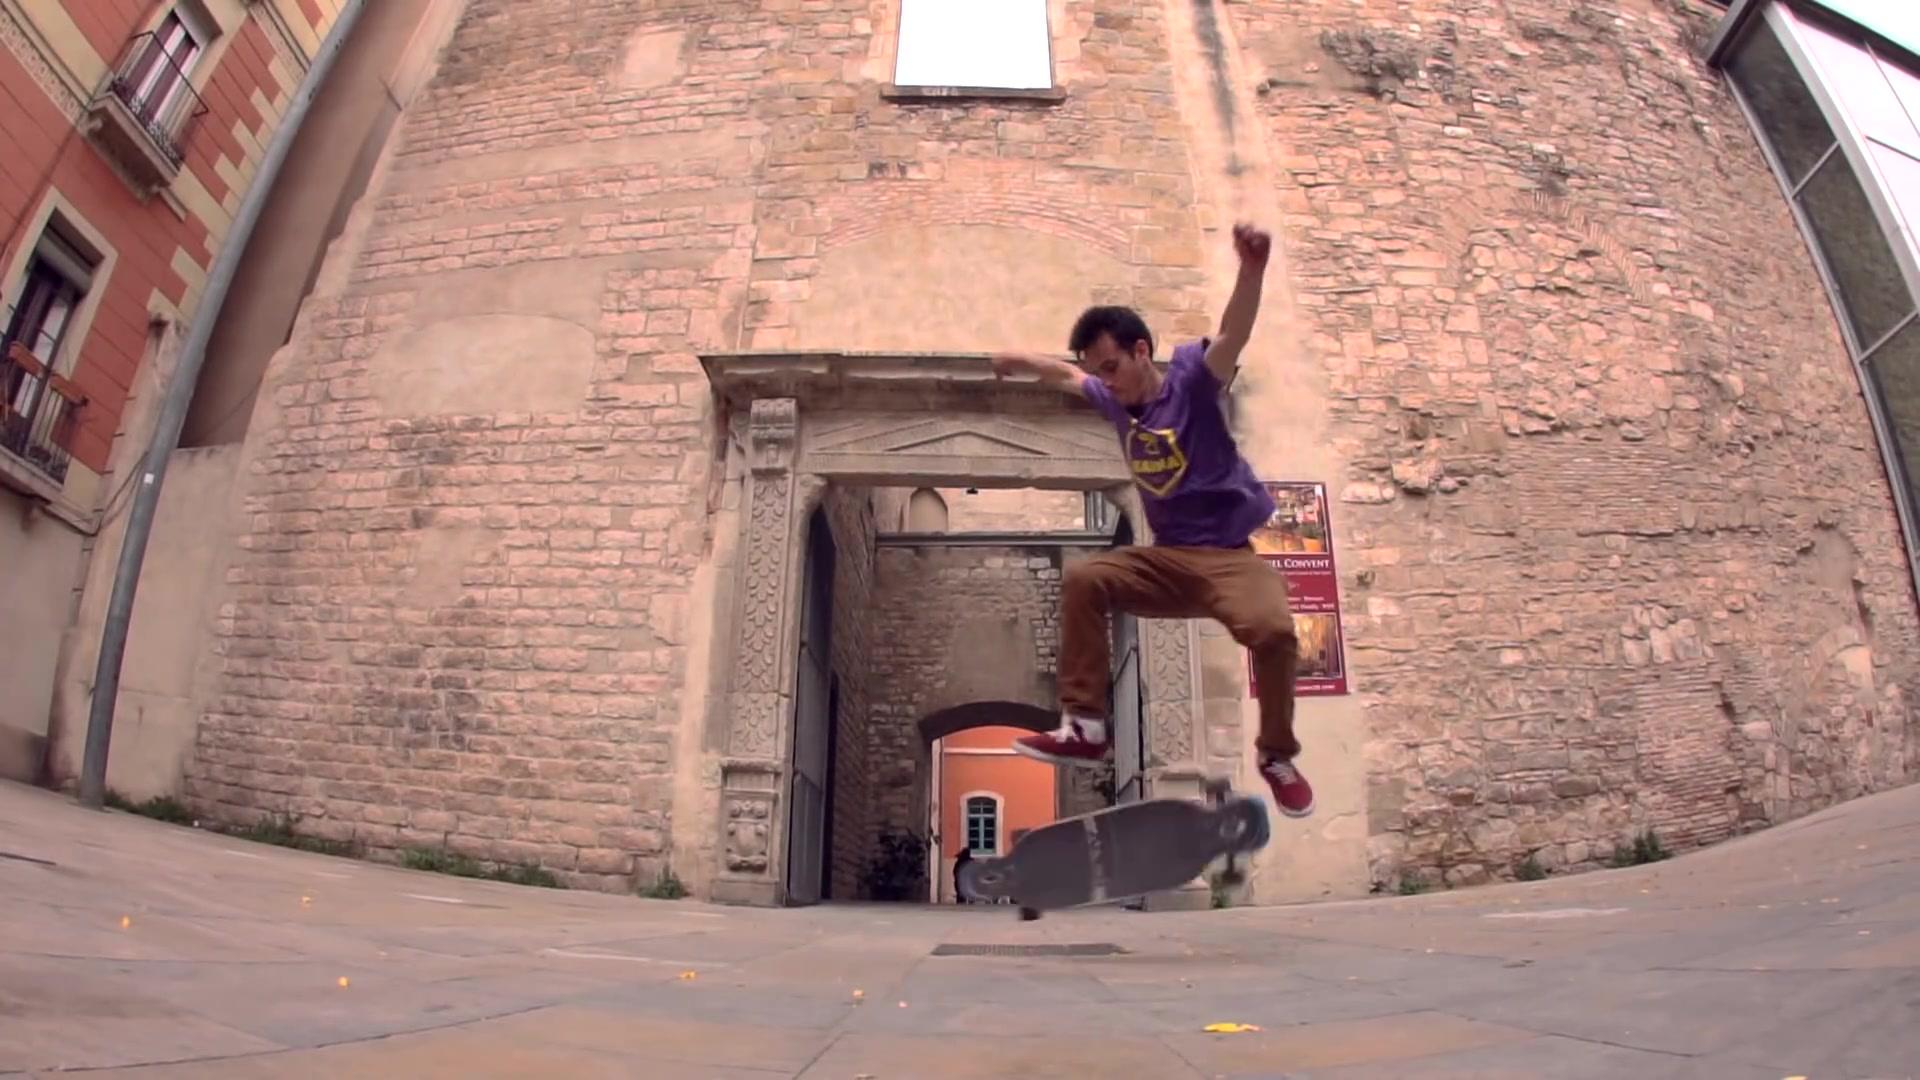 【贴地飞行】【长板DC/FS】Original Skateboards - Two Minutes with Nil Bellmunt